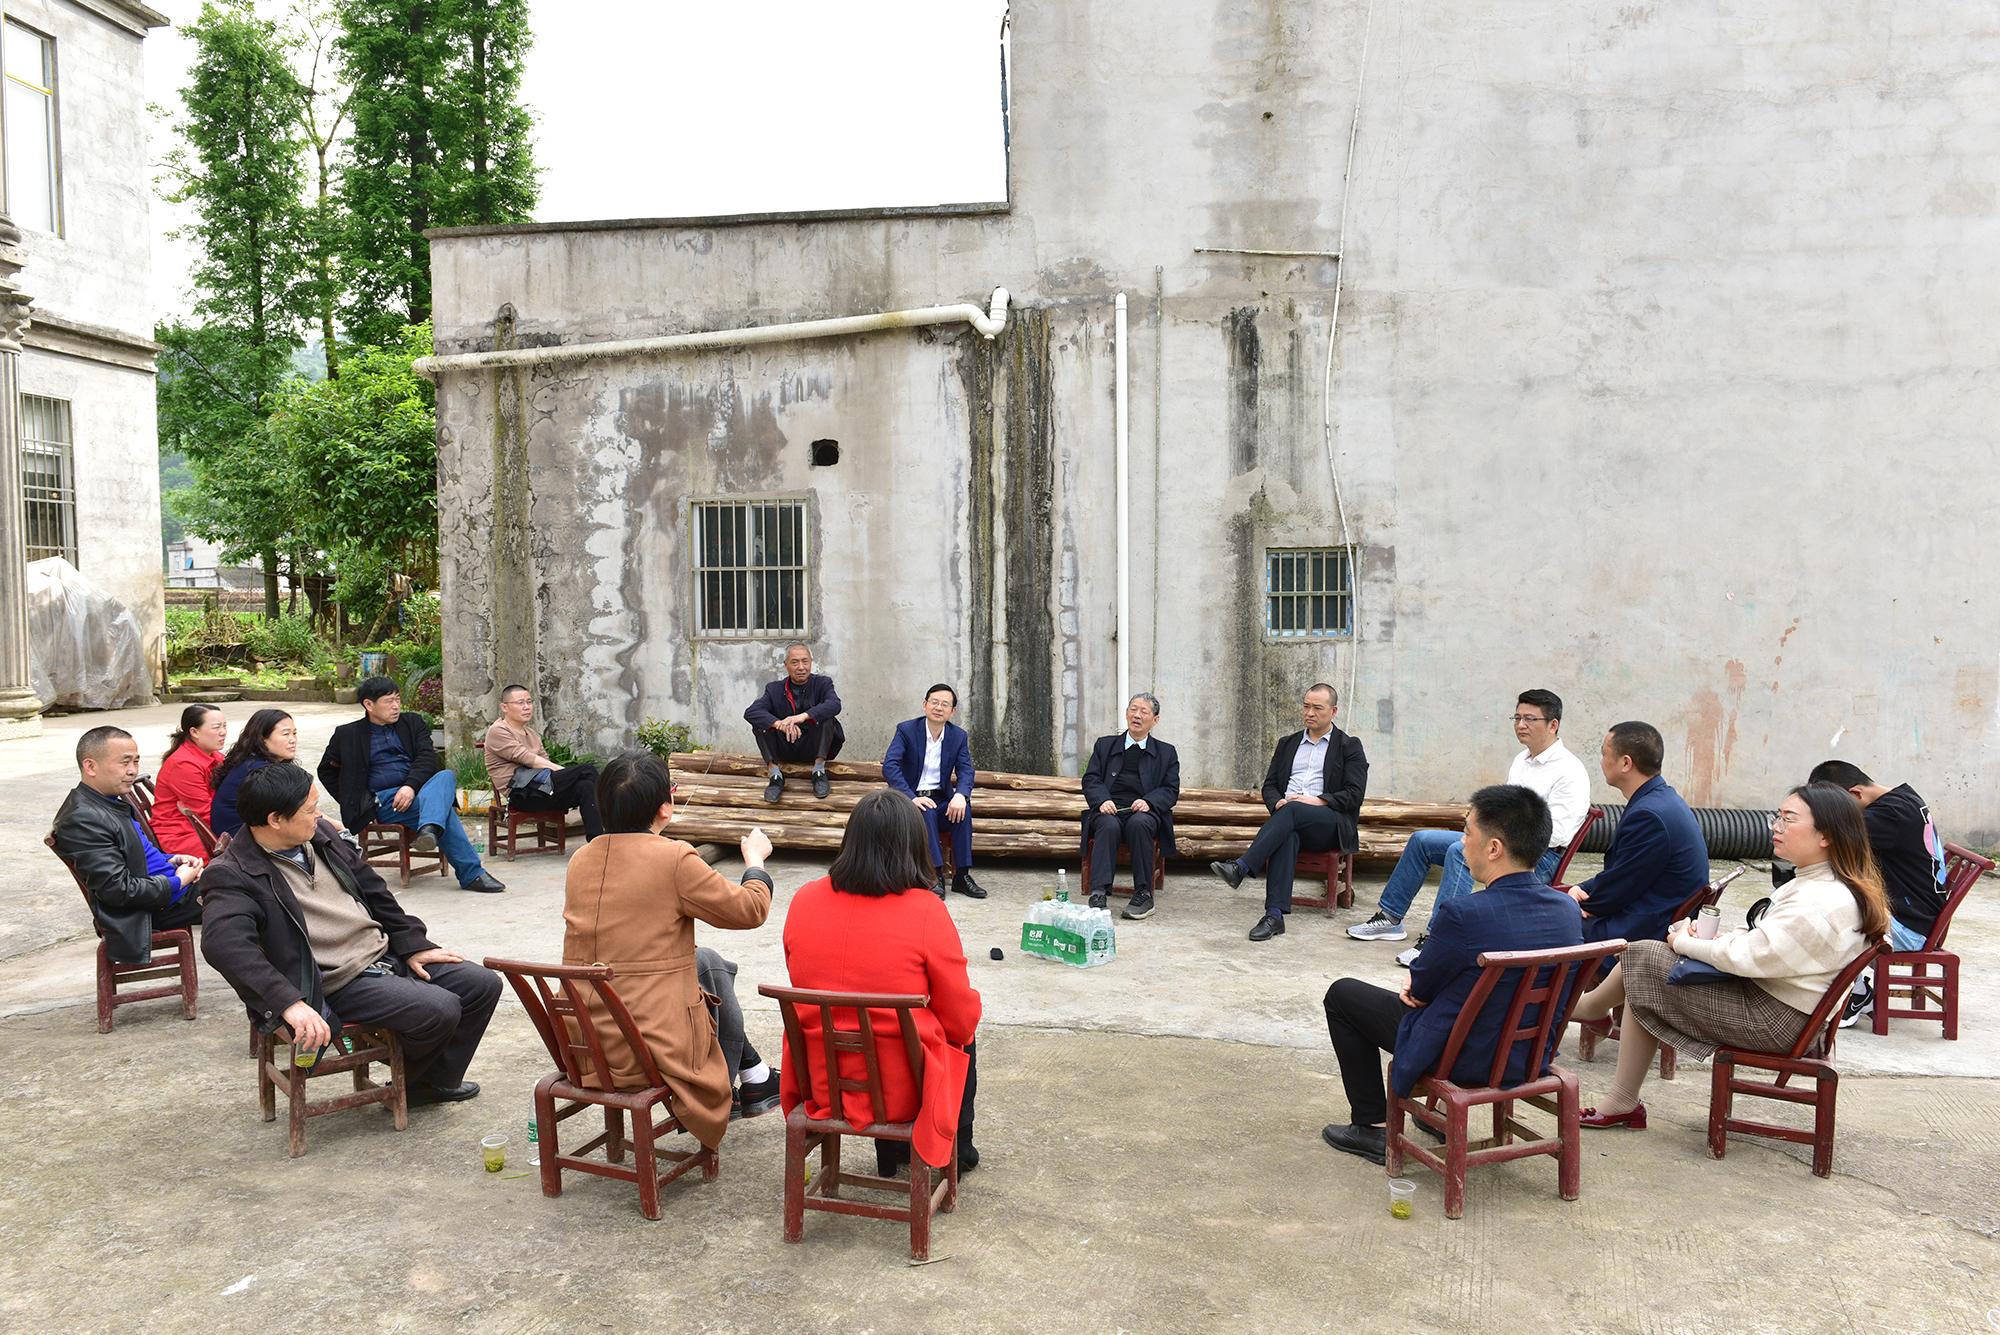 傅廷栋院士28日下午在三里河乡河水坪村指导油菜产业,了解村民种植需求(记者 刘涛 摄)